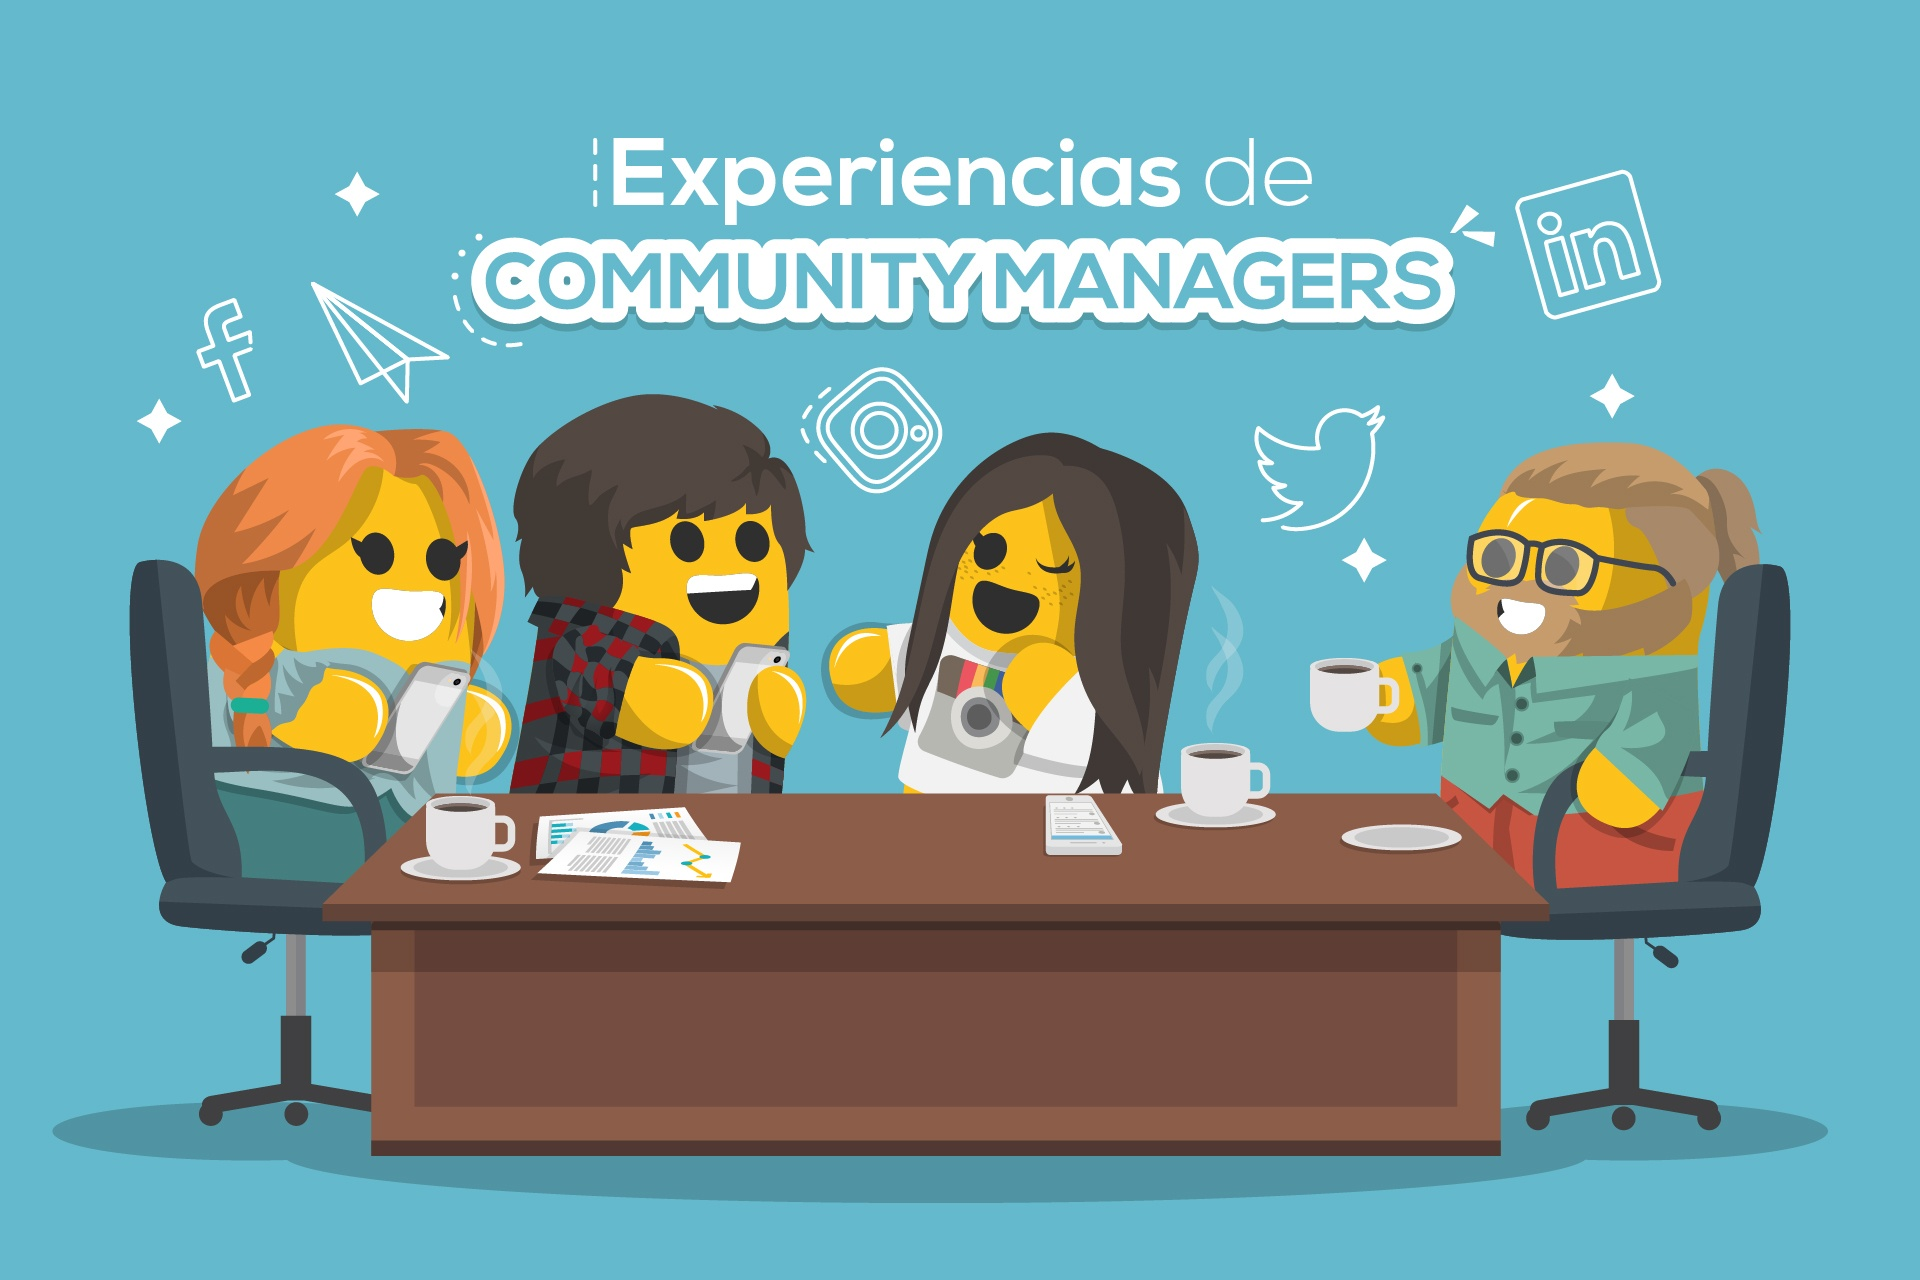 Hablando de #BuenSocialMedia: experiencias de un Community Manager